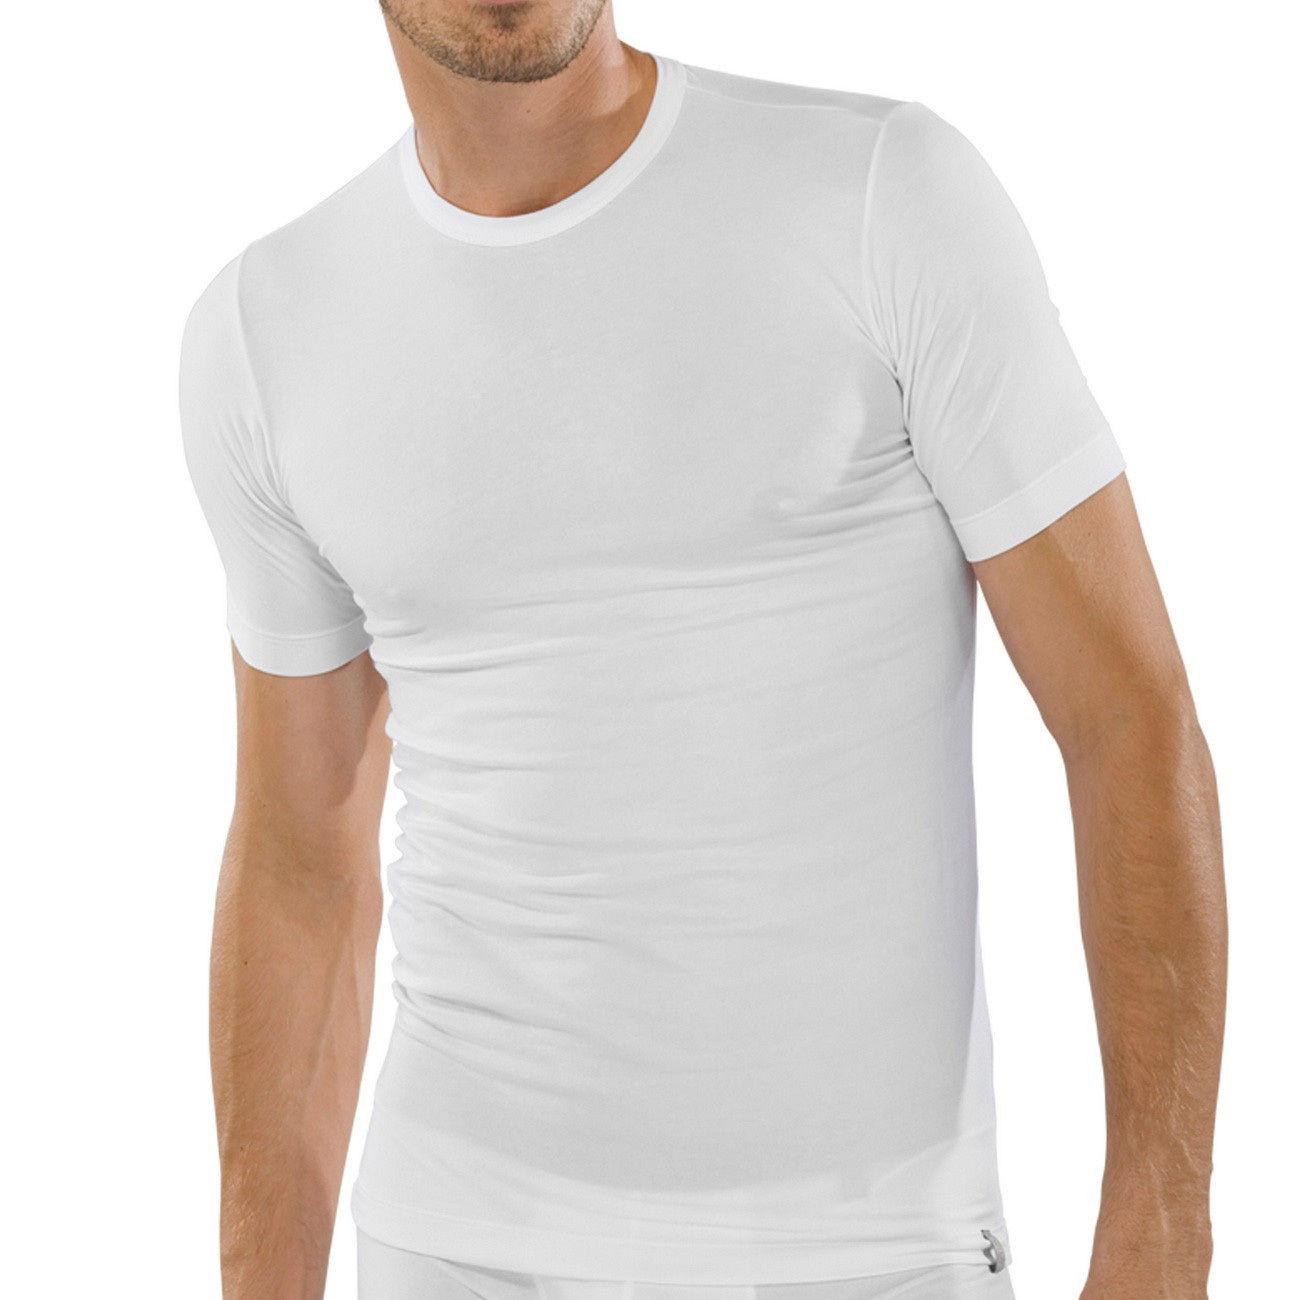 Schiesser Shirt Kurzarm, 3er Pack, Rundhals, 95/5 Reihe, Gr. S-XXL, Weiß